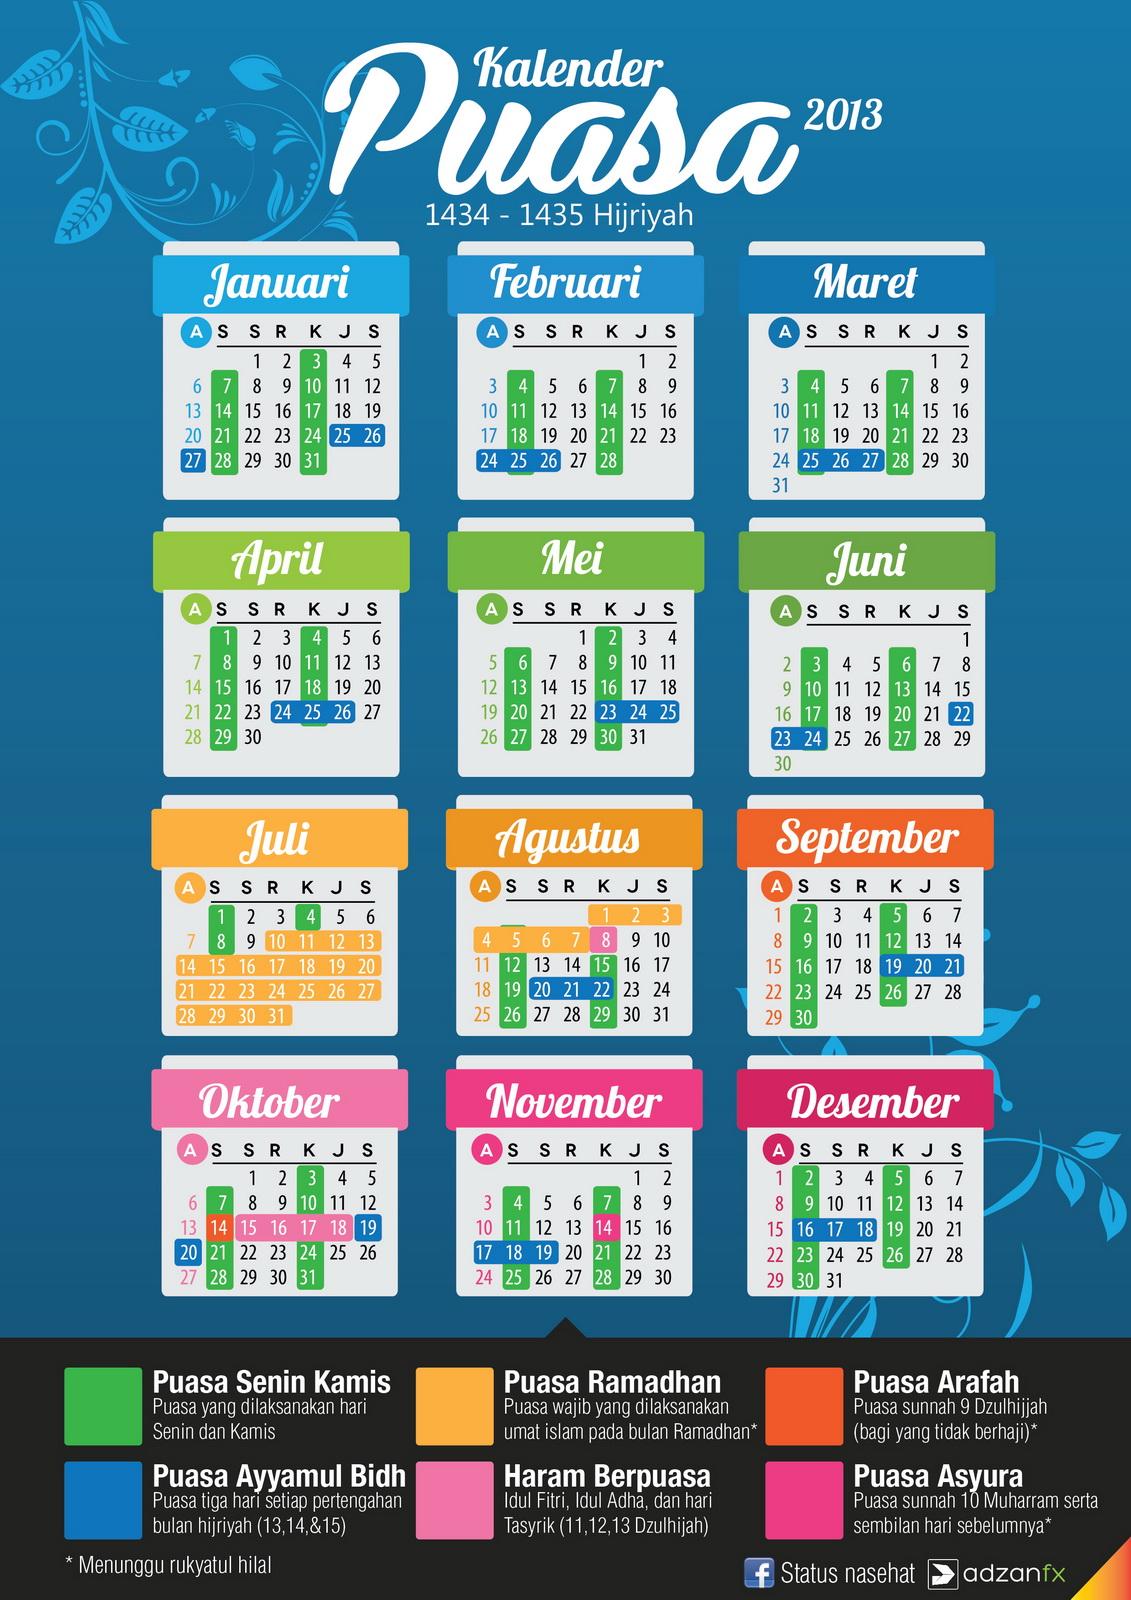 kalender puasa 2013 by white4line on deviantart. Black Bedroom Furniture Sets. Home Design Ideas